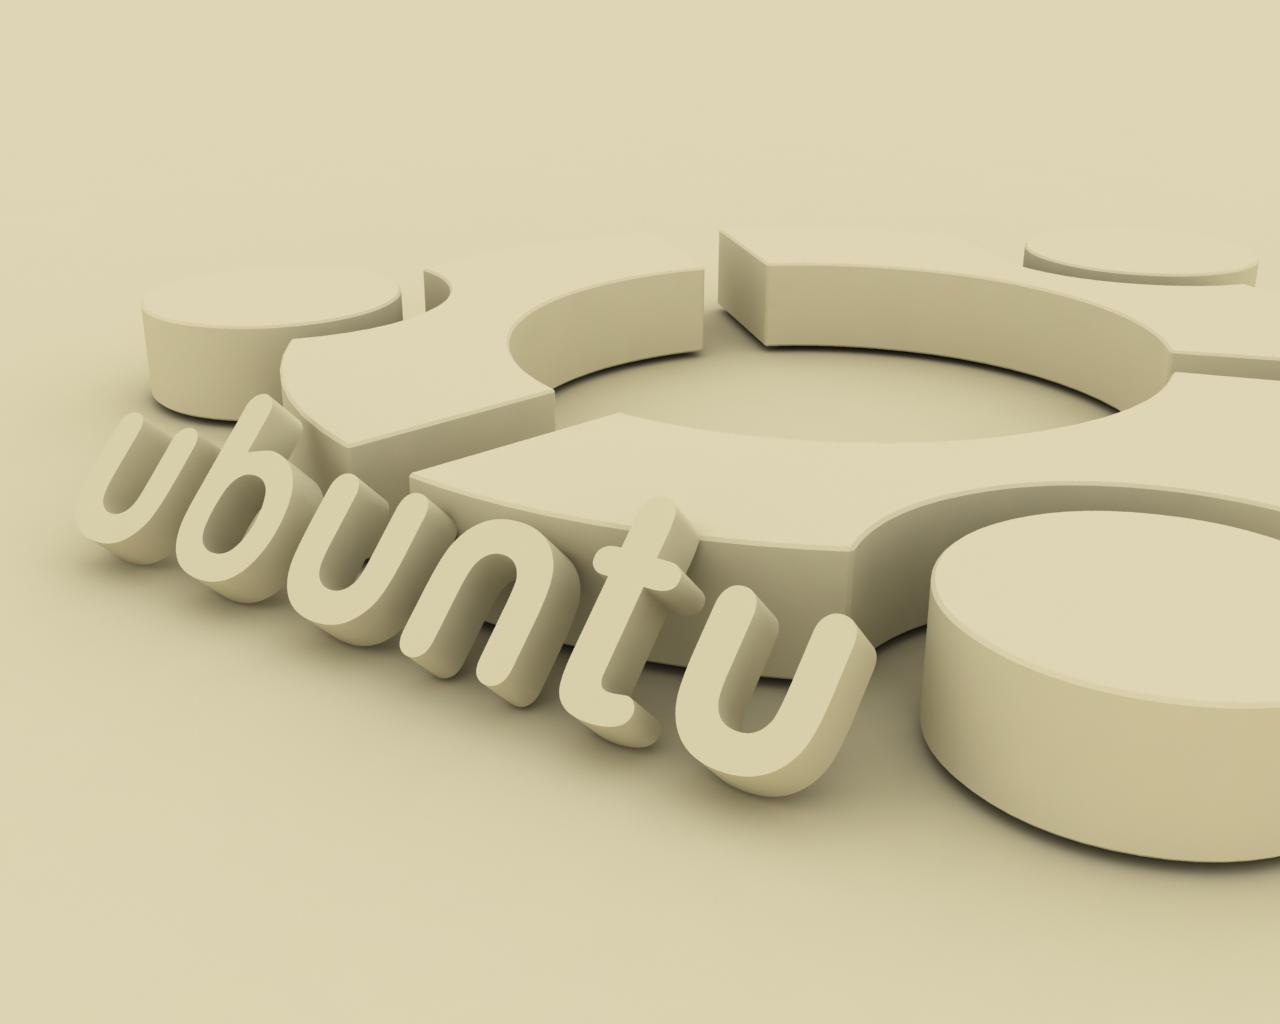 http://2.bp.blogspot.com/-mGf63qIhJFw/Tjhp5b8o-JI/AAAAAAAACfE/EyHJUZc-ecc/s1600/Ubuntu_HD_Wallpaper_4.jpg